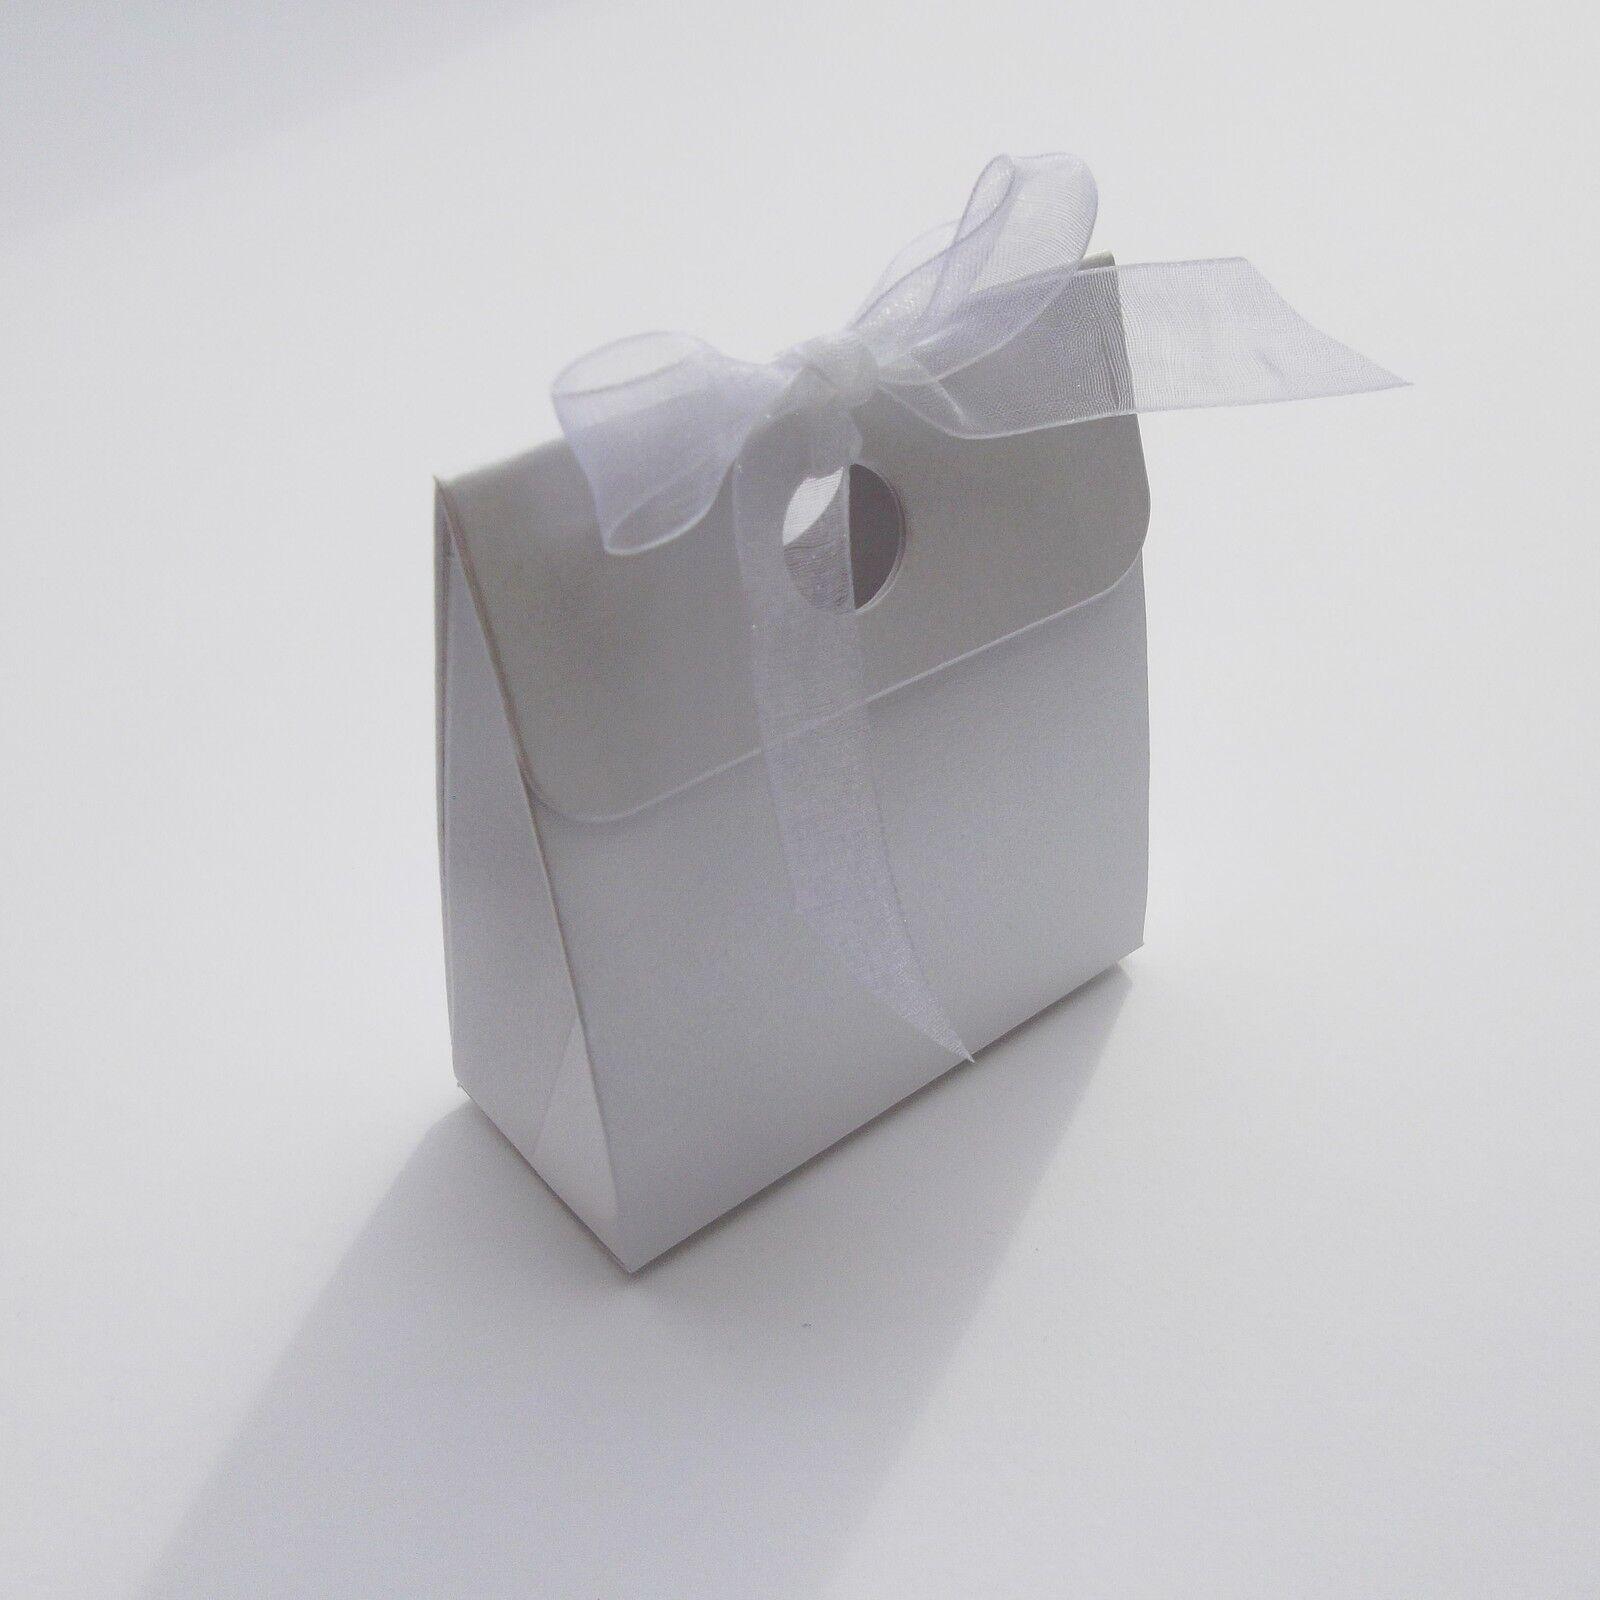 BIANCO Favore PERLA SCATOLA SACCHETTO Matrimonio Favore BIANCO Box-Scegli Q.tà - Natale, compleanni 83b47e